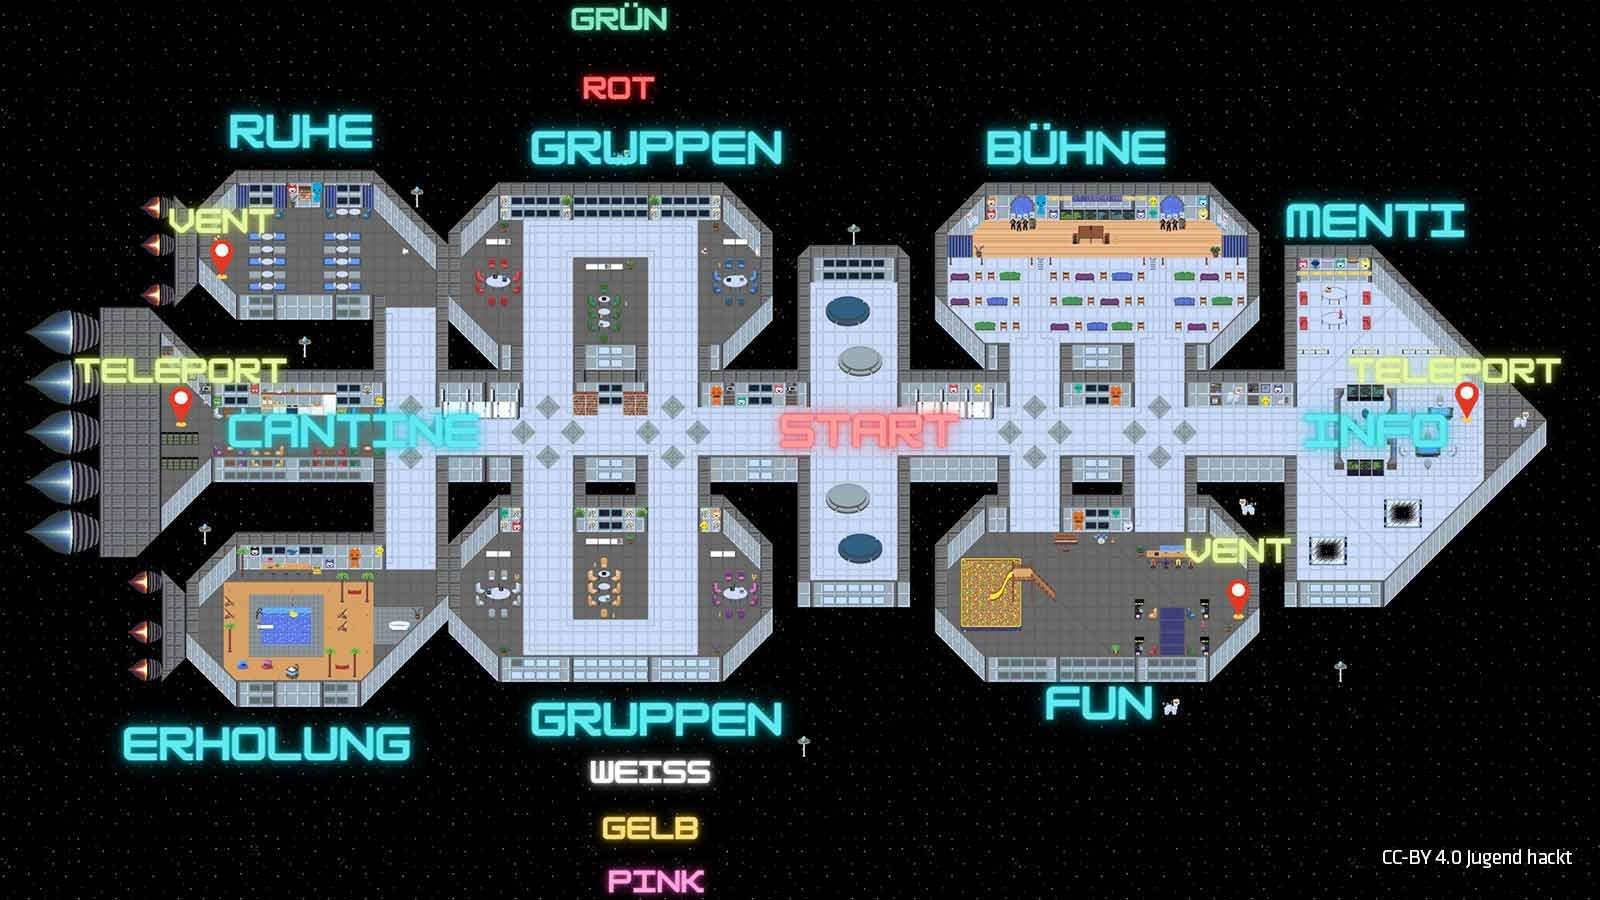 Doku-Raumschiff-Gruppenraum_Bild1